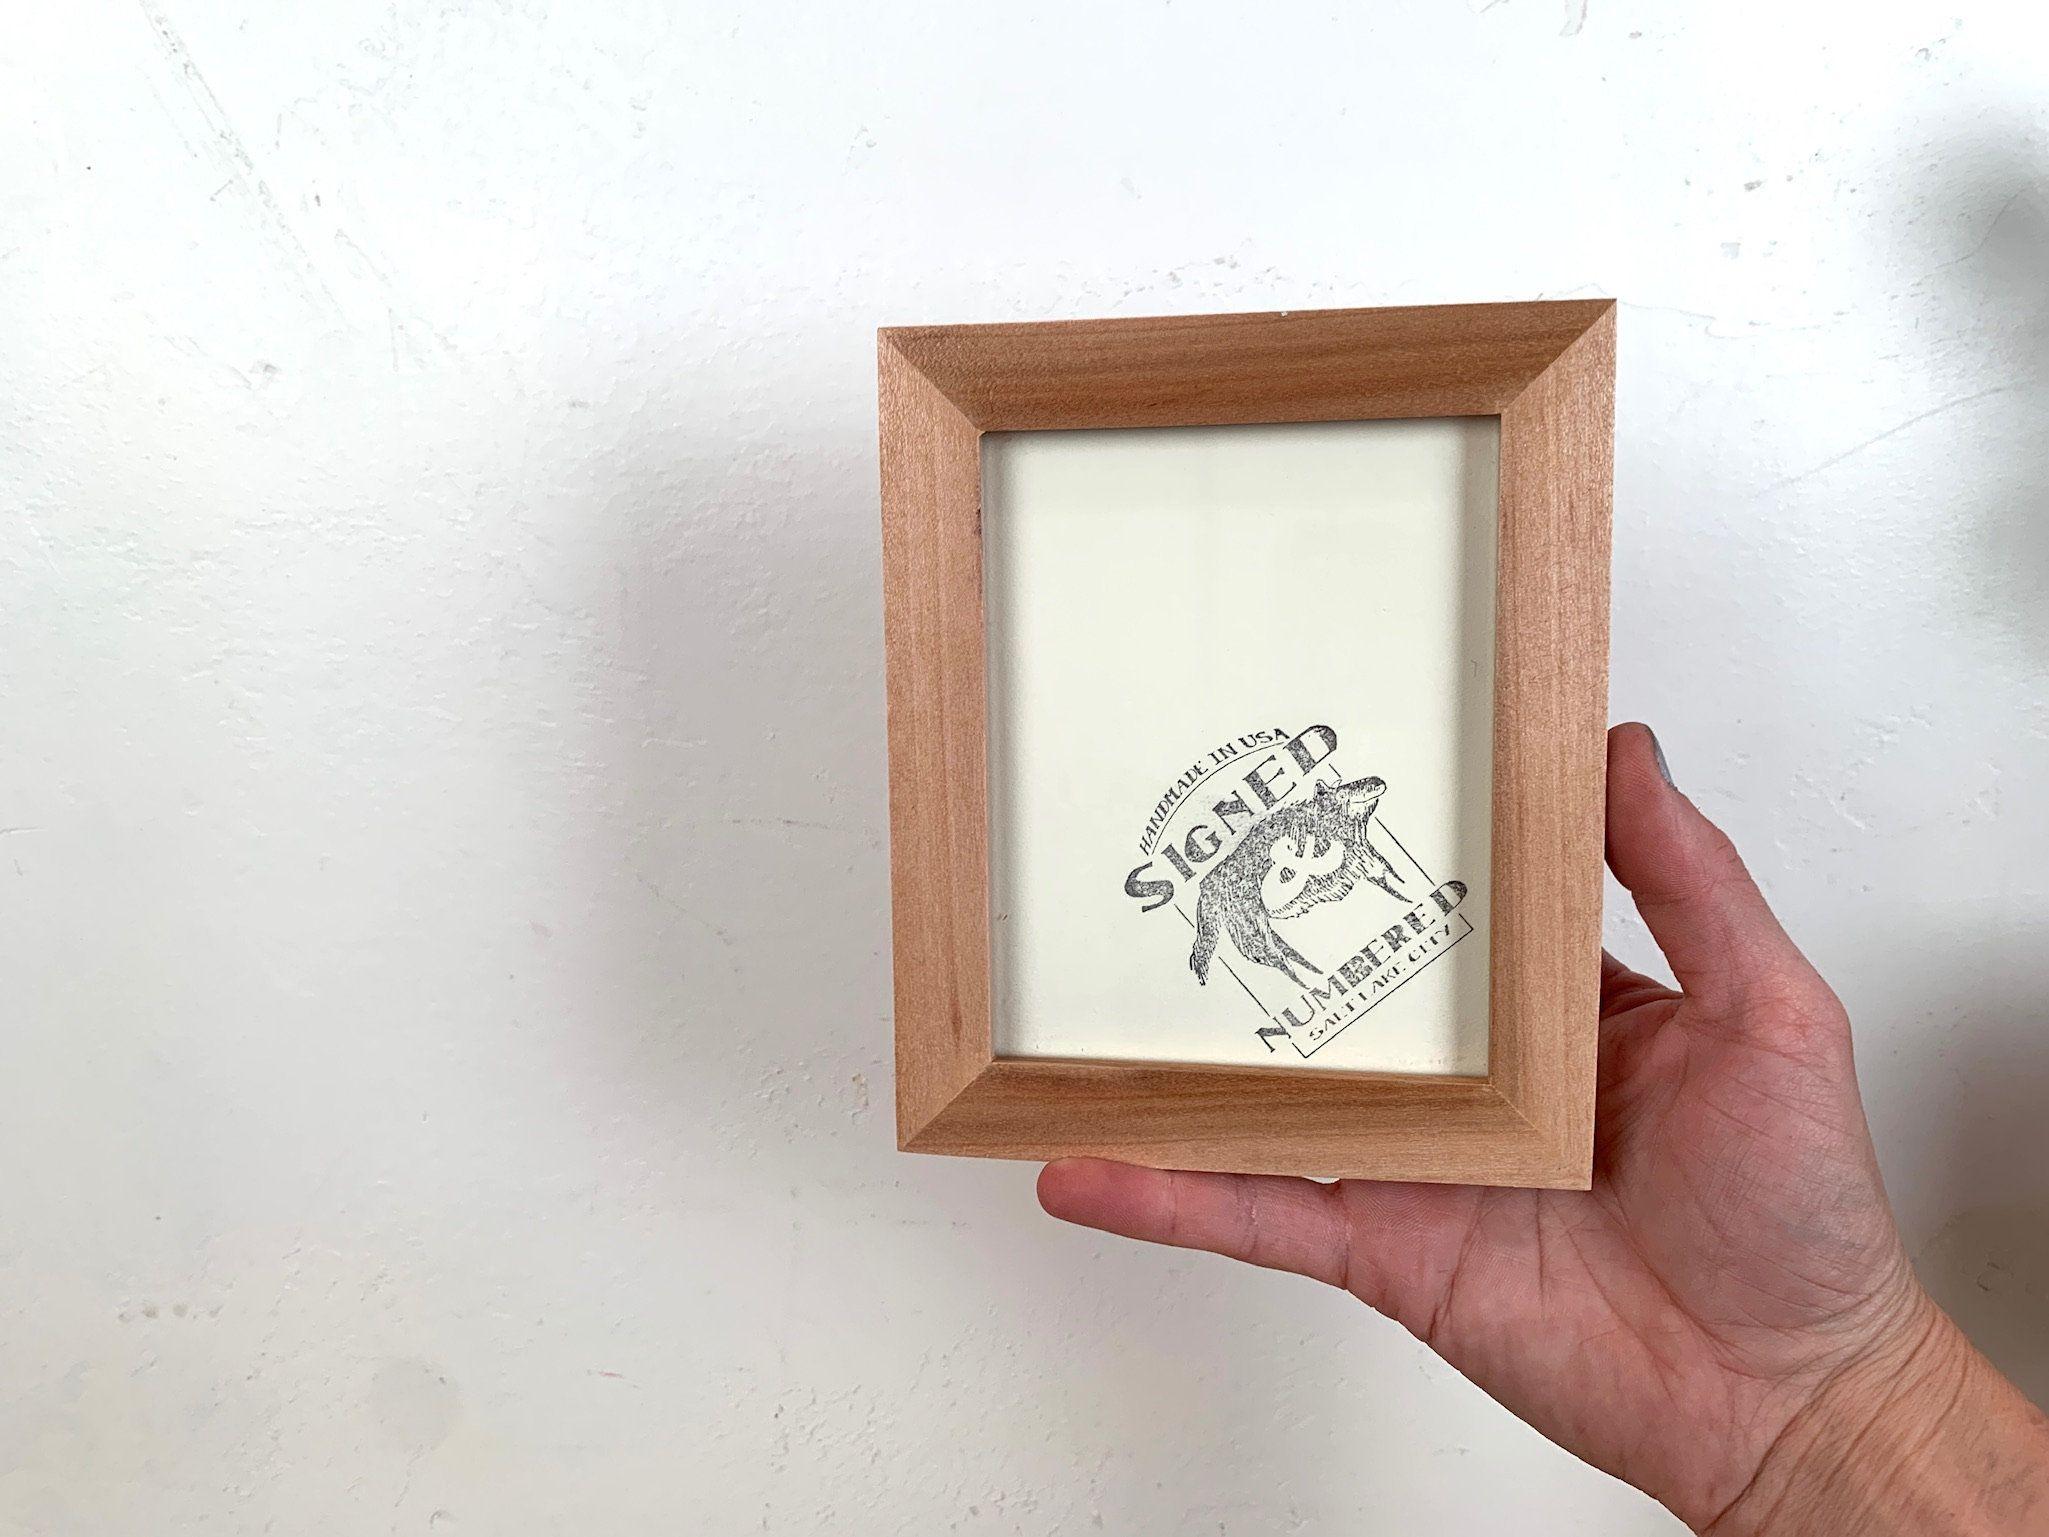 4yfsfewmzhesbm 4 x 5 picture frames